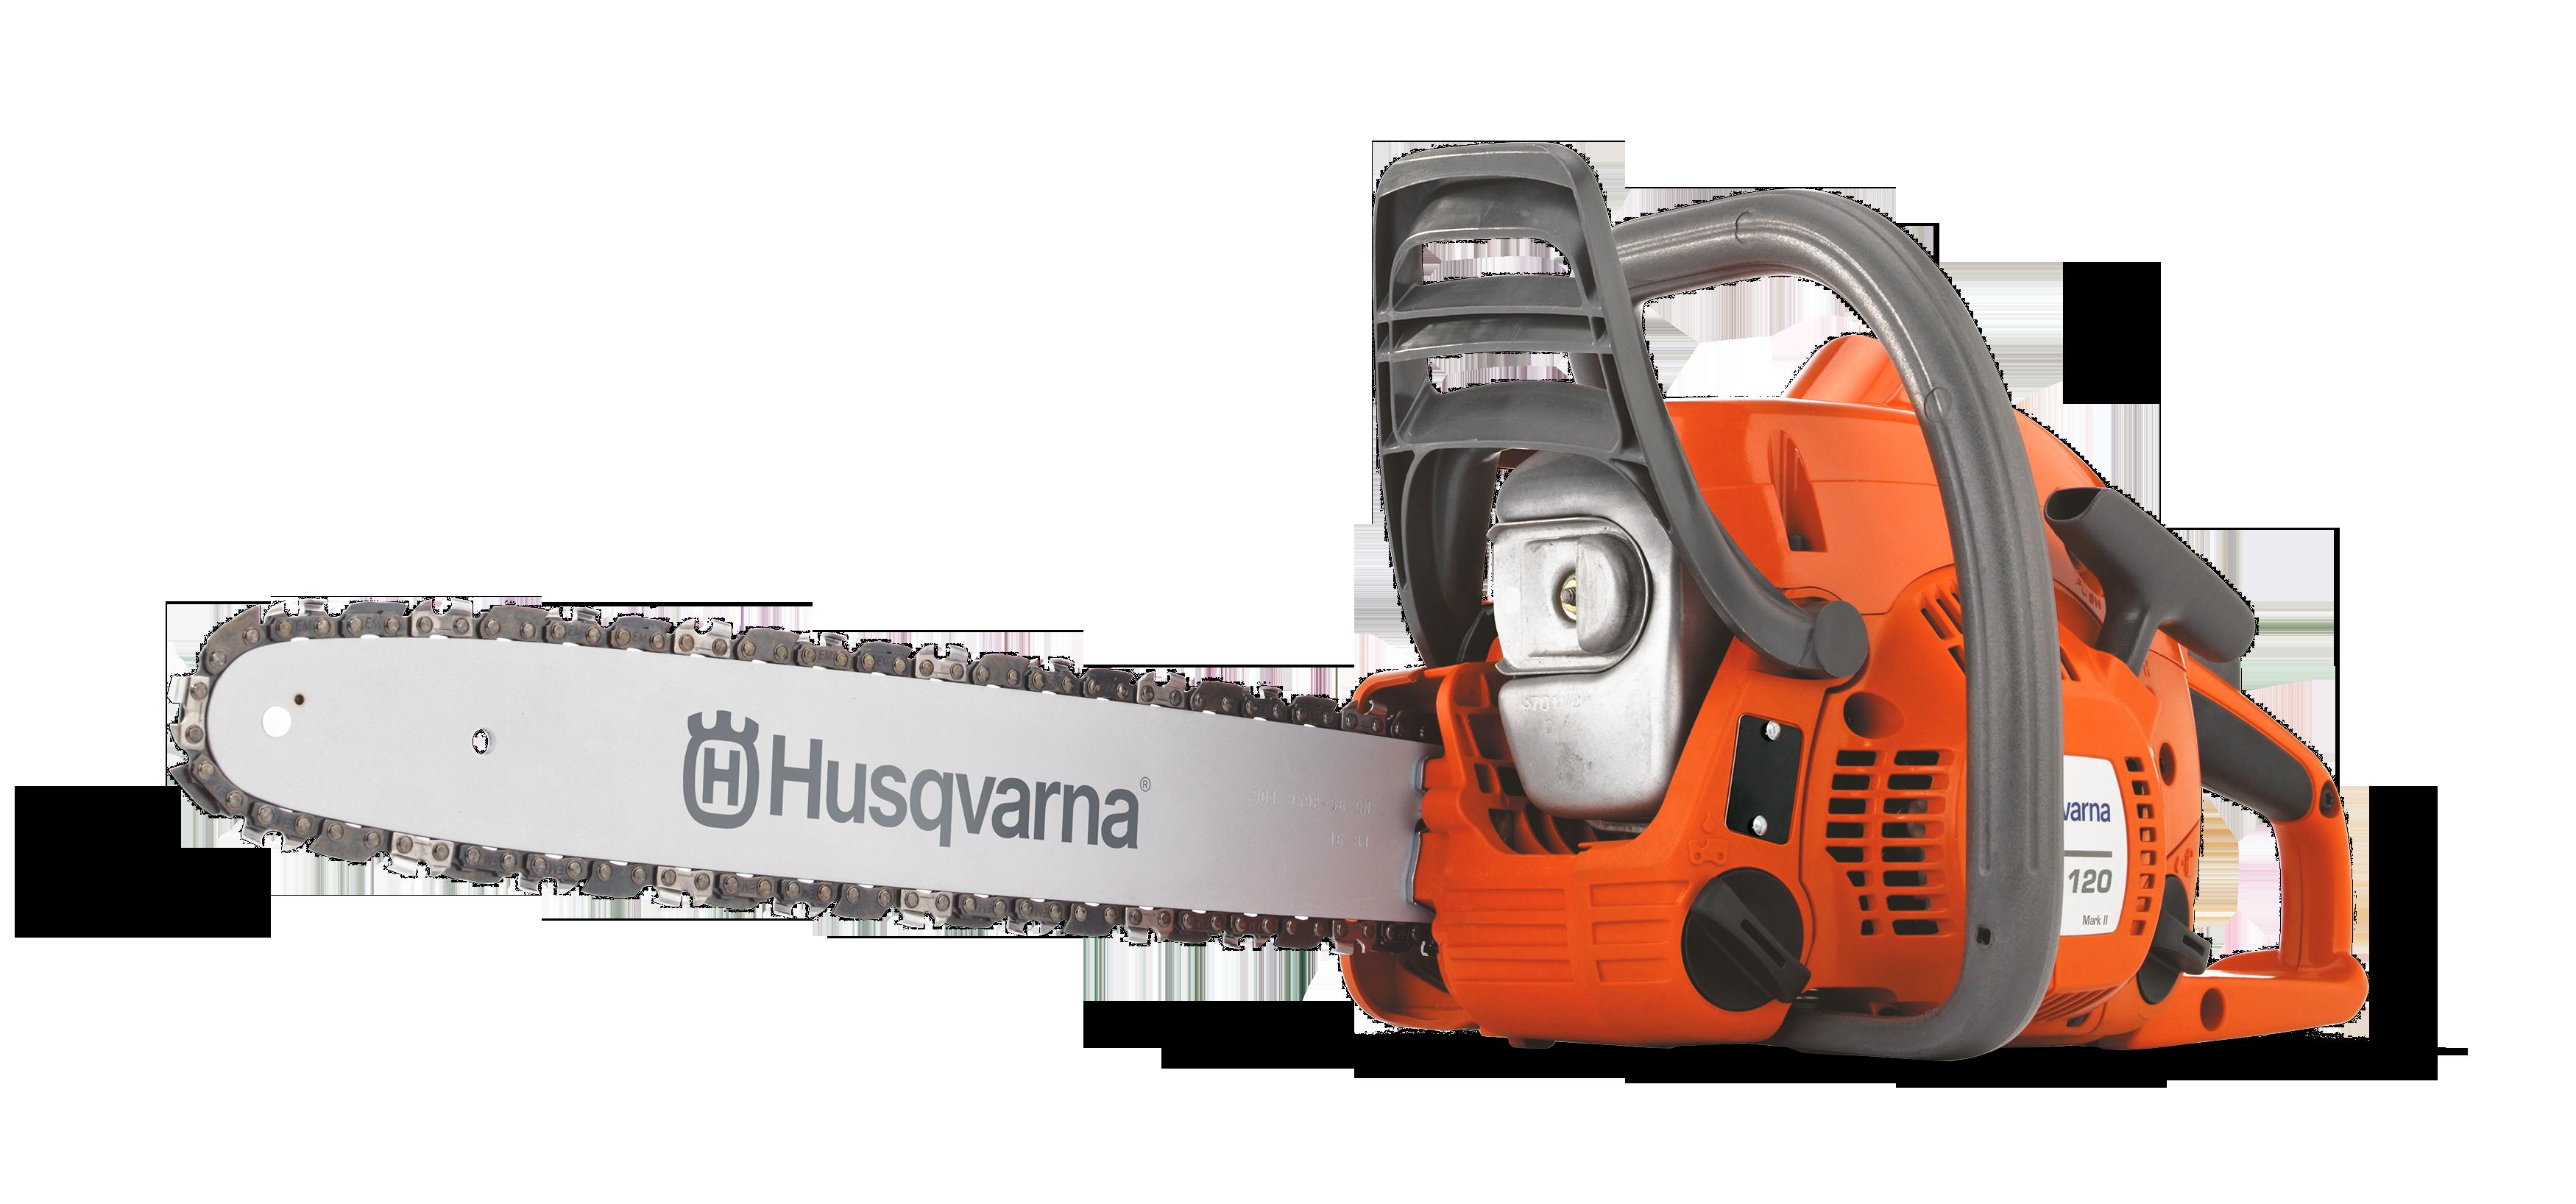 6x Sägekette Ersatzkette 38 cm für HUSQVARNA Motorsäge 445